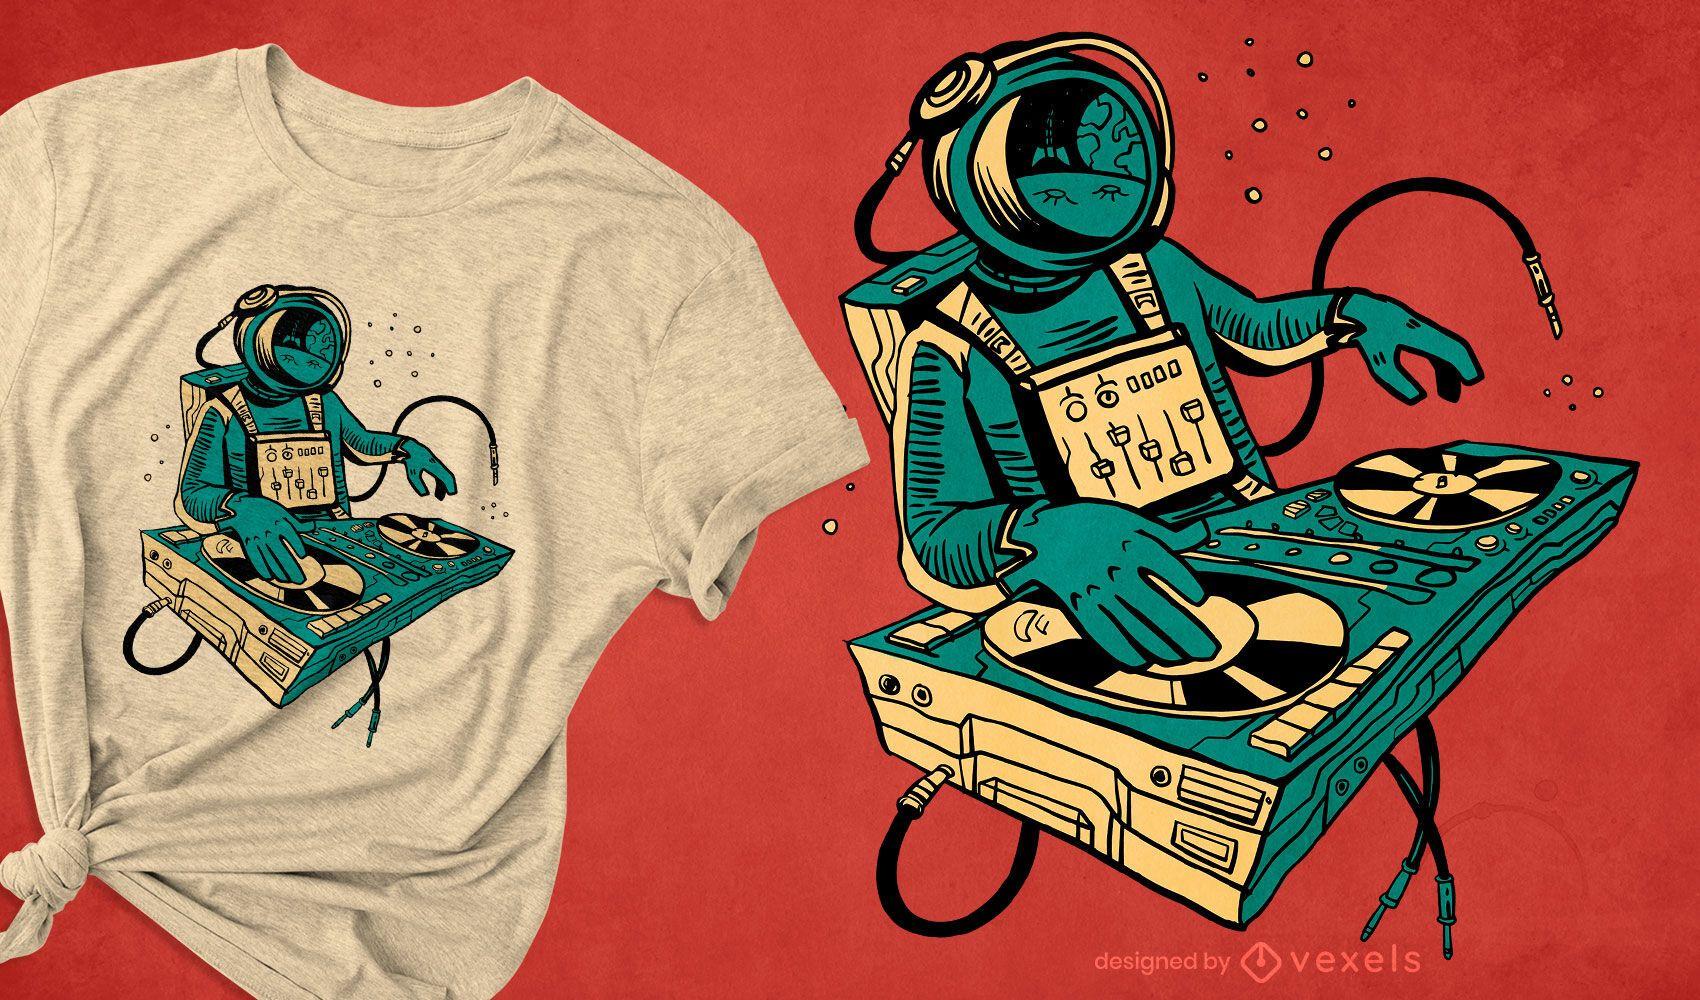 Dise?o de camiseta de astronauta DJing space.